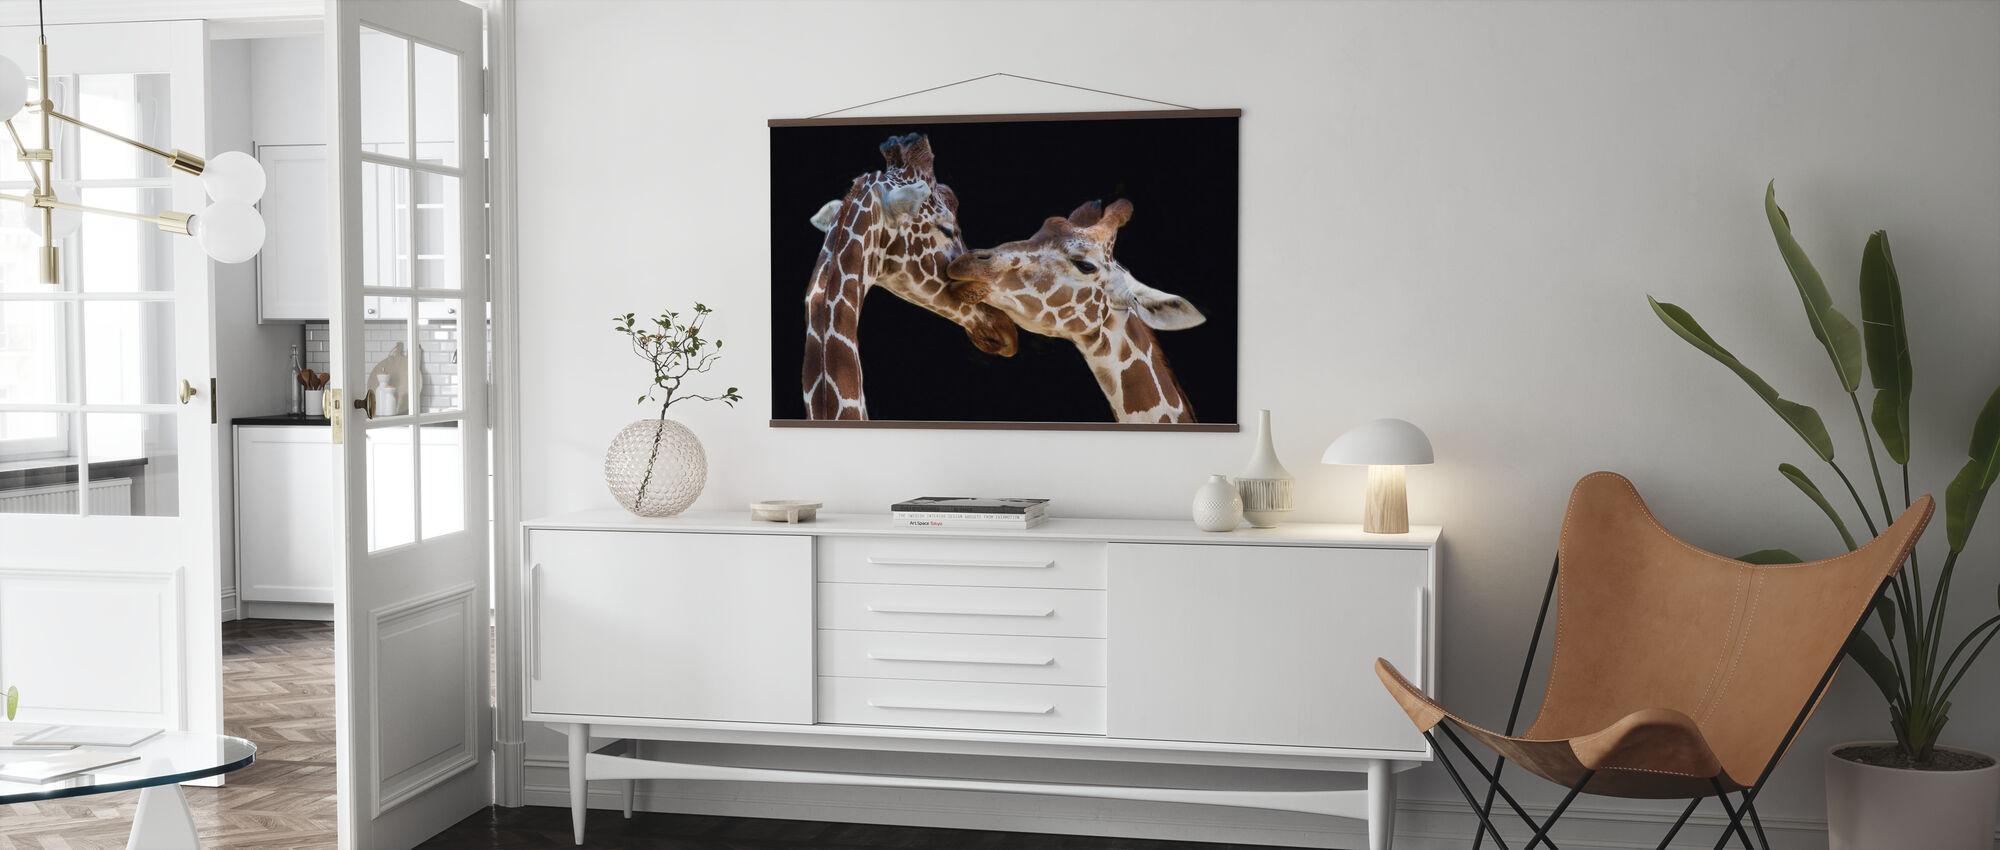 Giraffen zoenen - Poster - Woonkamer